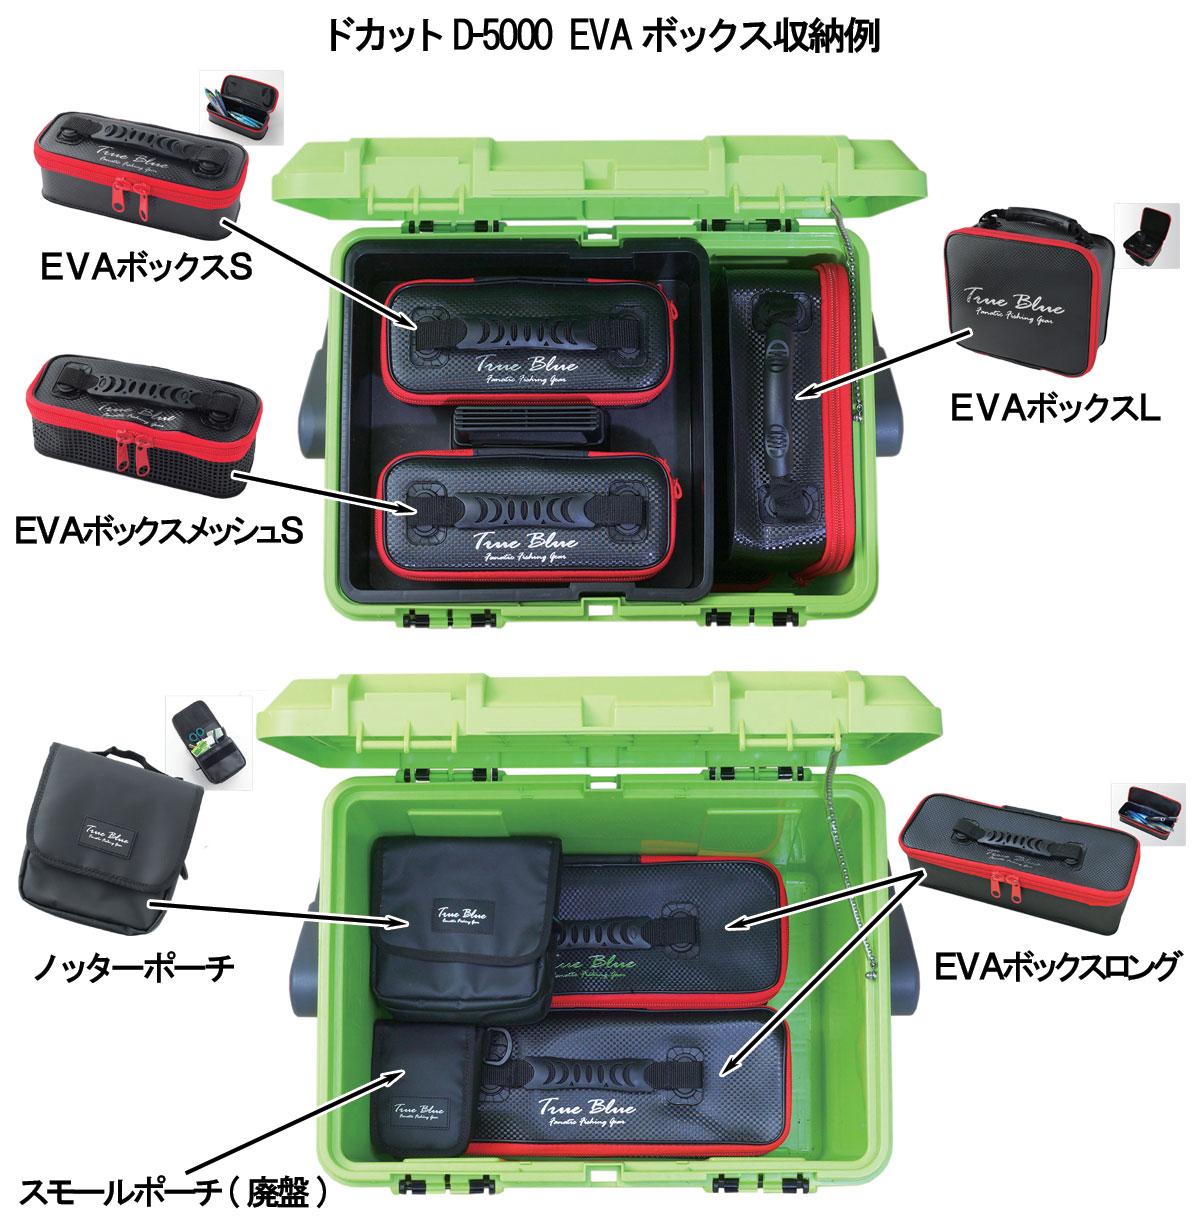 リングスター(RING STAR)ドカット D-5000 EVAボックス収納例